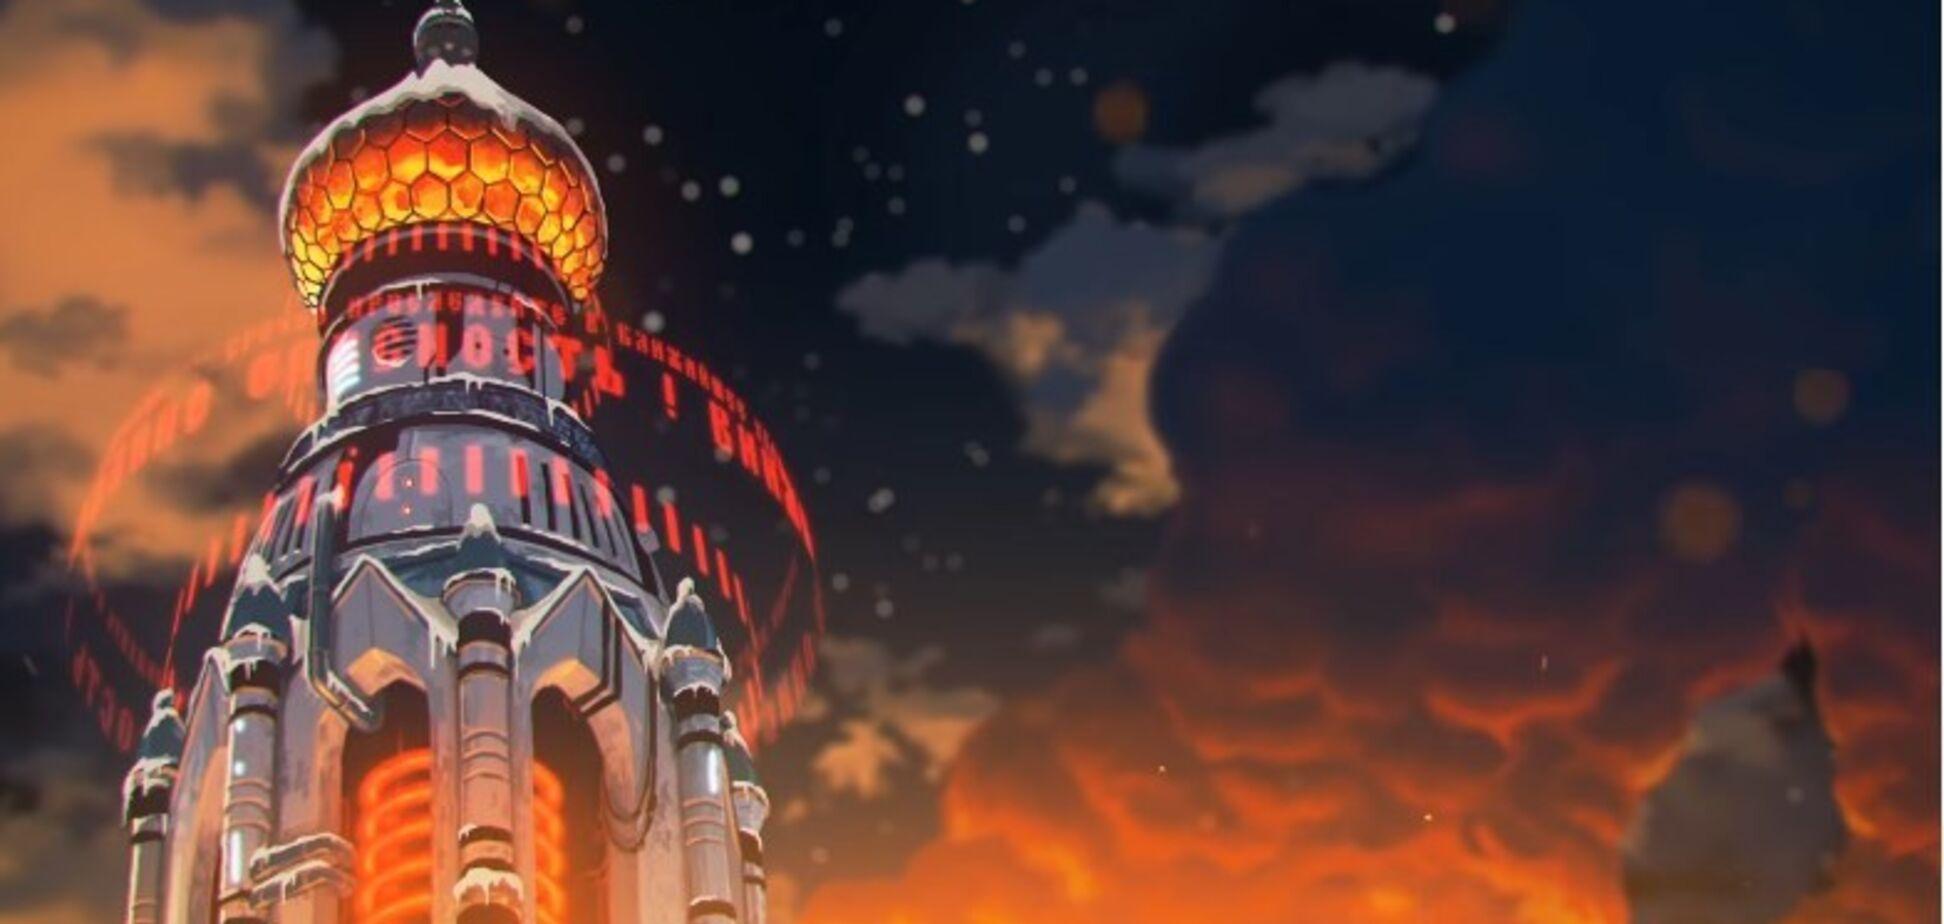 ''Неонові купола і цифрові гуслі'': в мережі показали пророчий мультфільм про Росію майбутнього